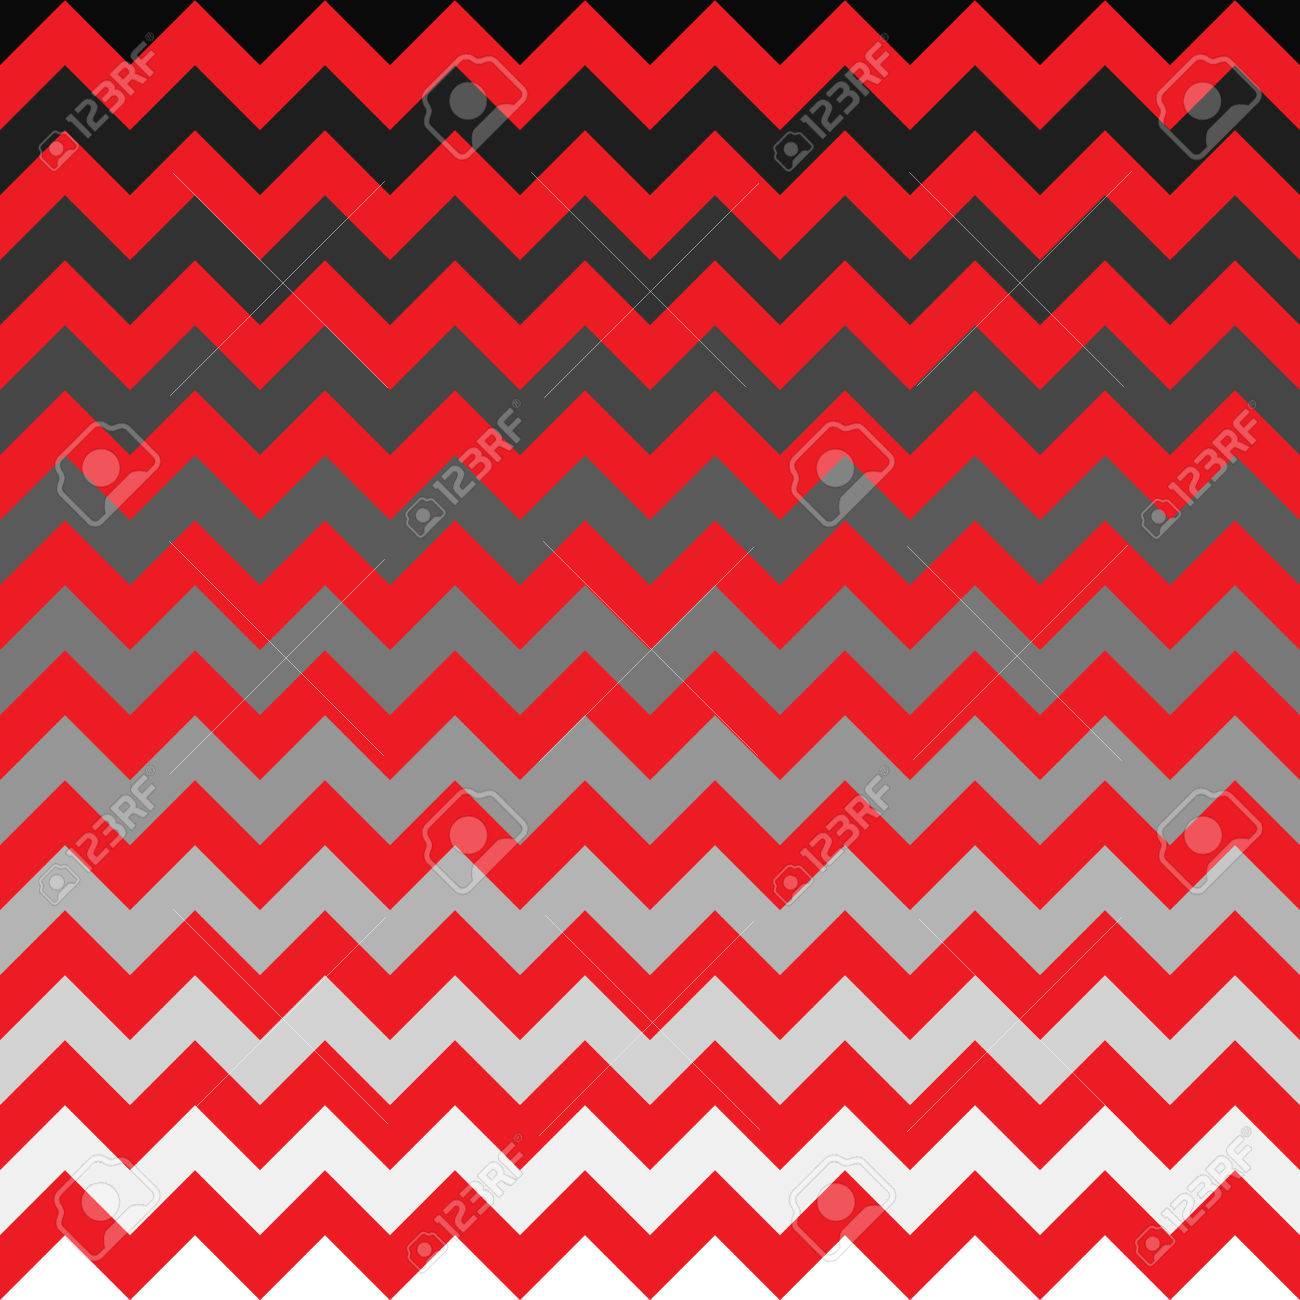 Noir N Rouge Gradient Contour 3d Abstrait Cubes Geometriques Seamless Fond Pour Papier Peint Modele Web Blog Surface Textures Graphique Et